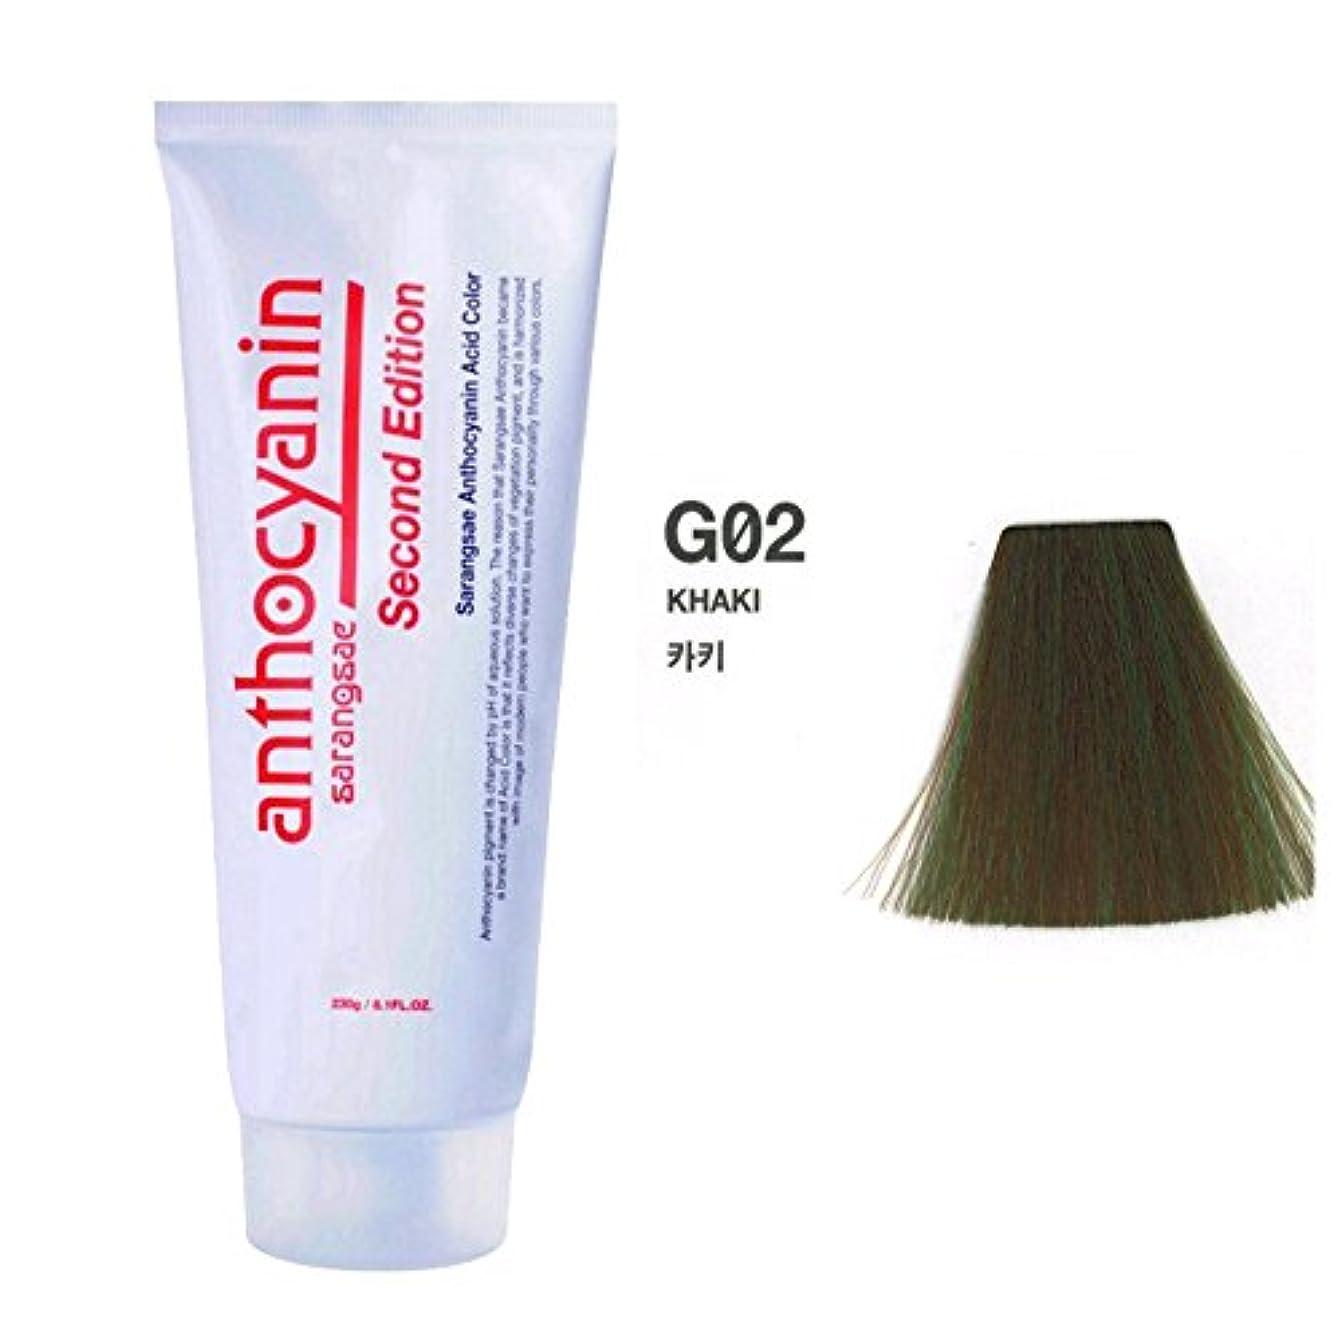 促す補償影のあるヘア マニキュア カラー セカンド エディション 230g セミ パーマネント 染毛剤 (Hair Manicure Color Second Edition 230g Semi Permanent Hair Dye) [並行輸入品] (G02 Khaki)